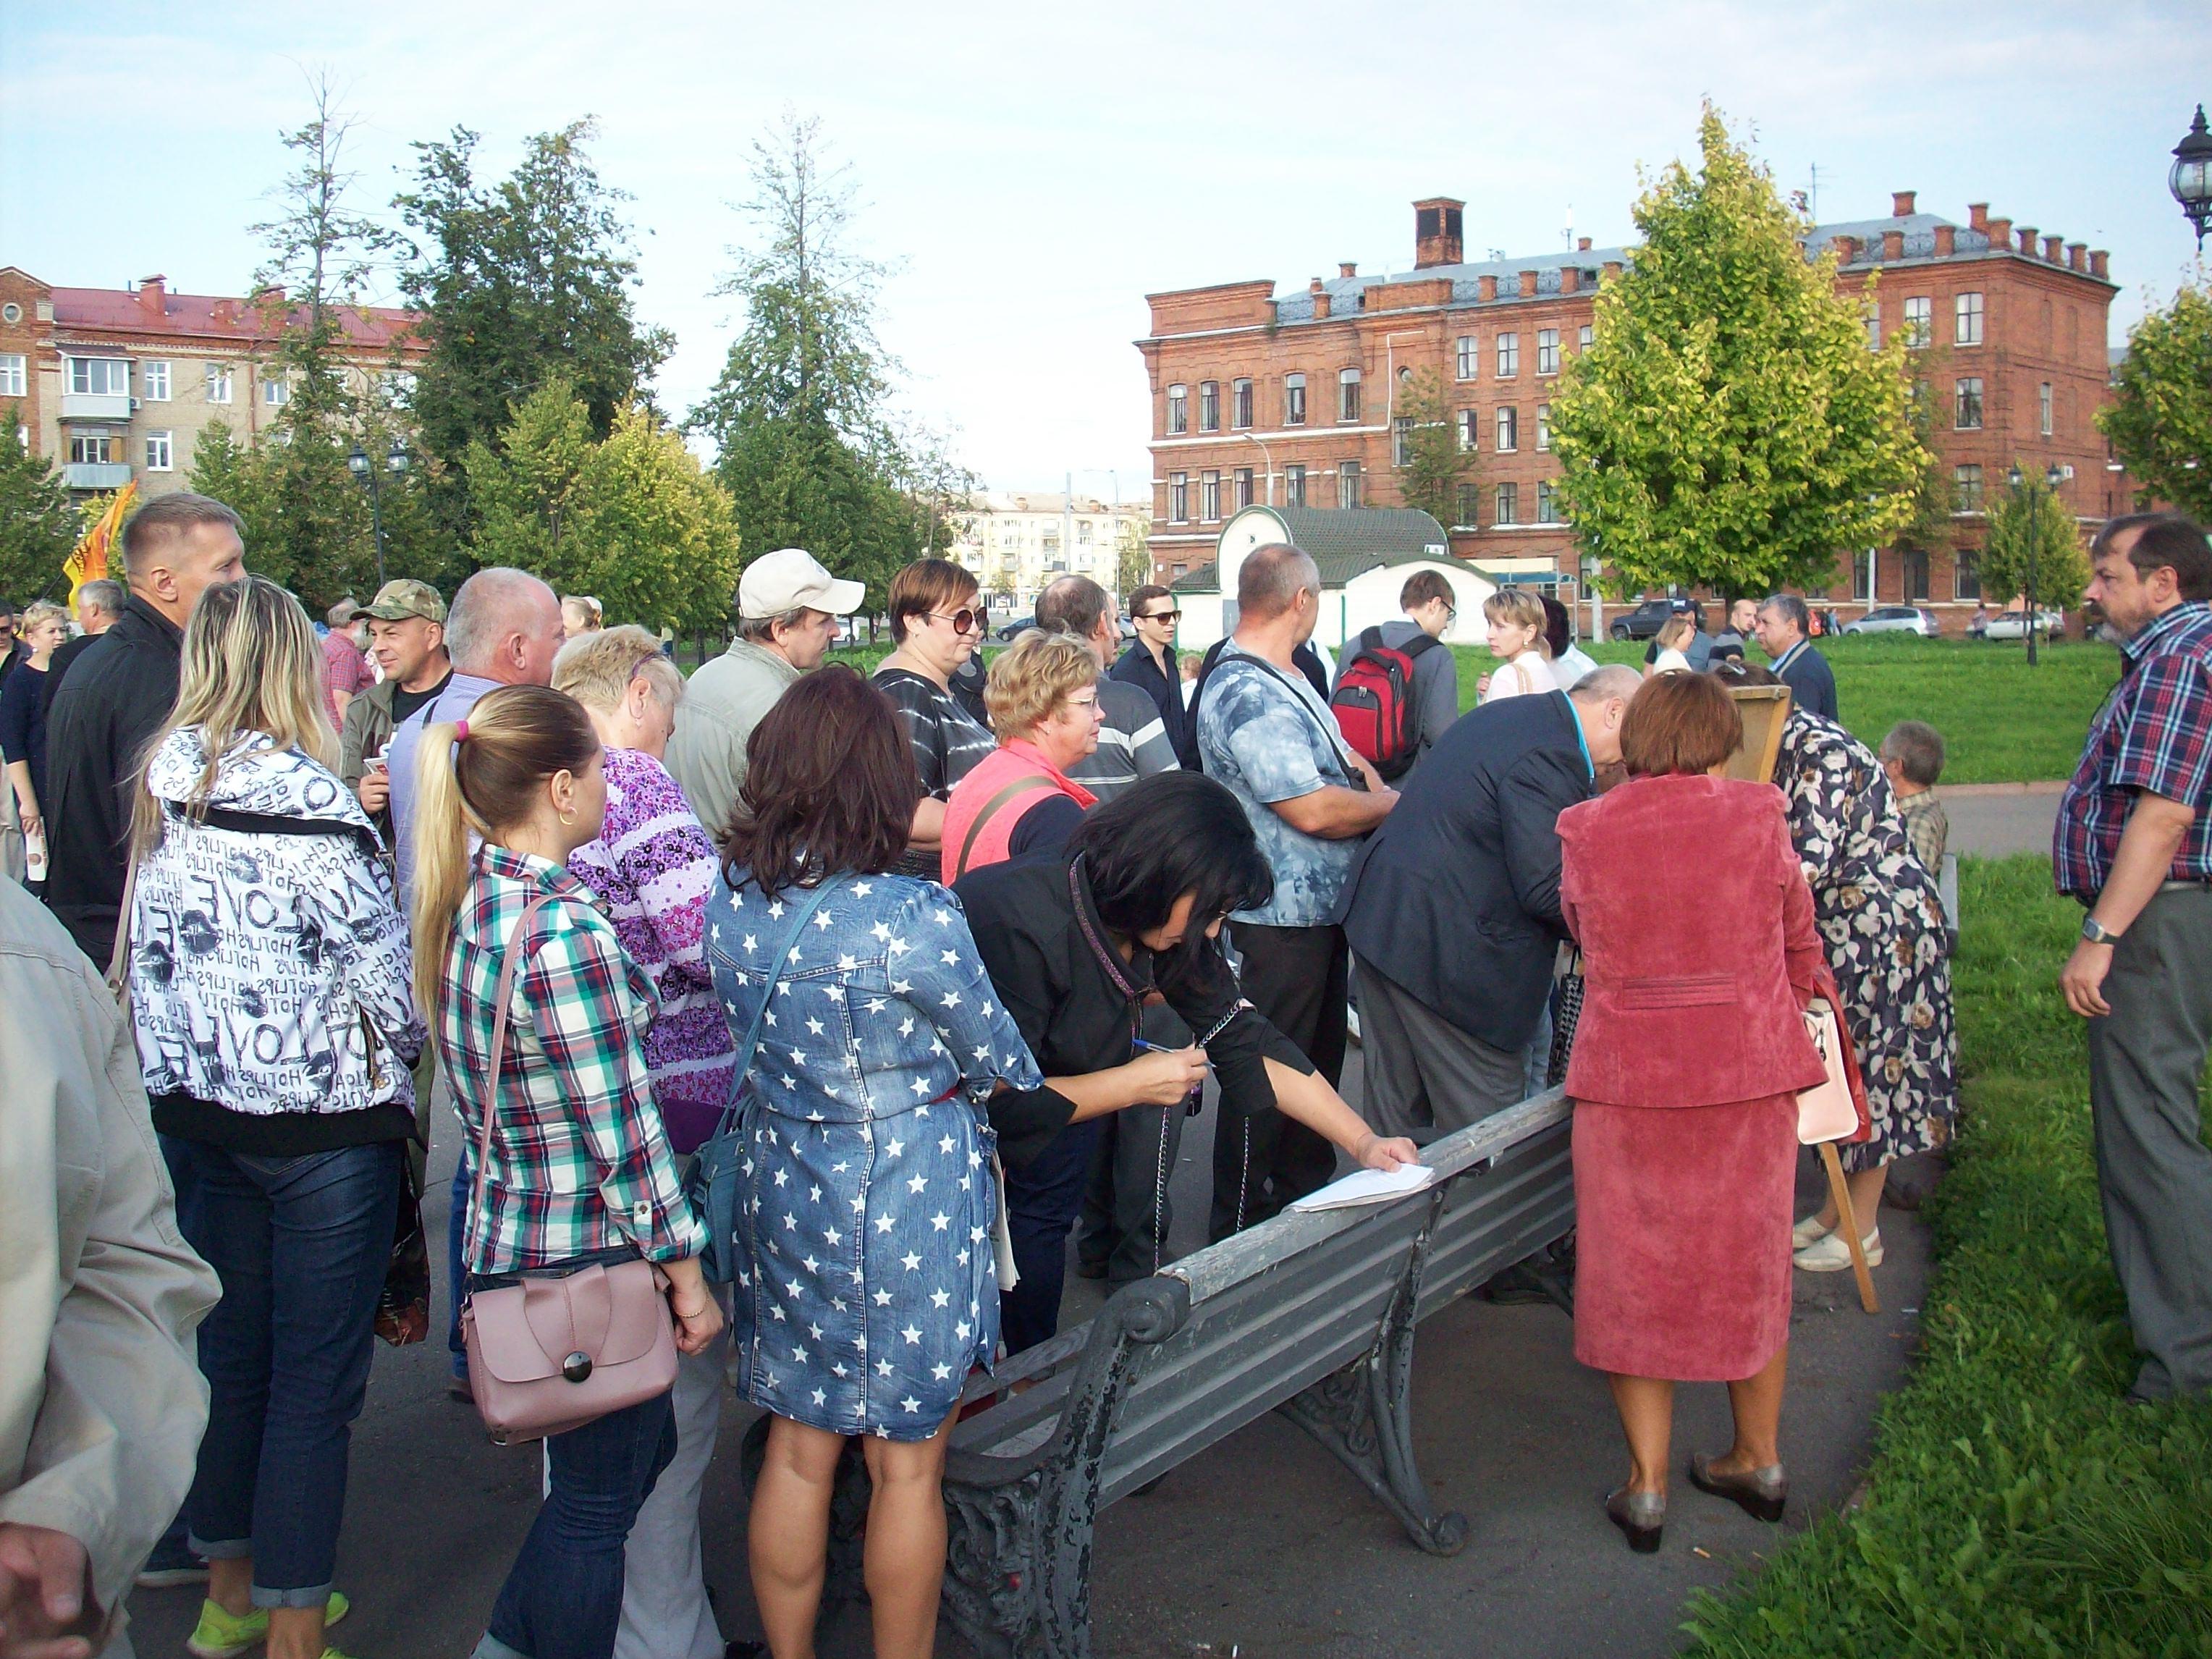 Пора переходить к новым формам борьбы… Митинг в Рыбинске